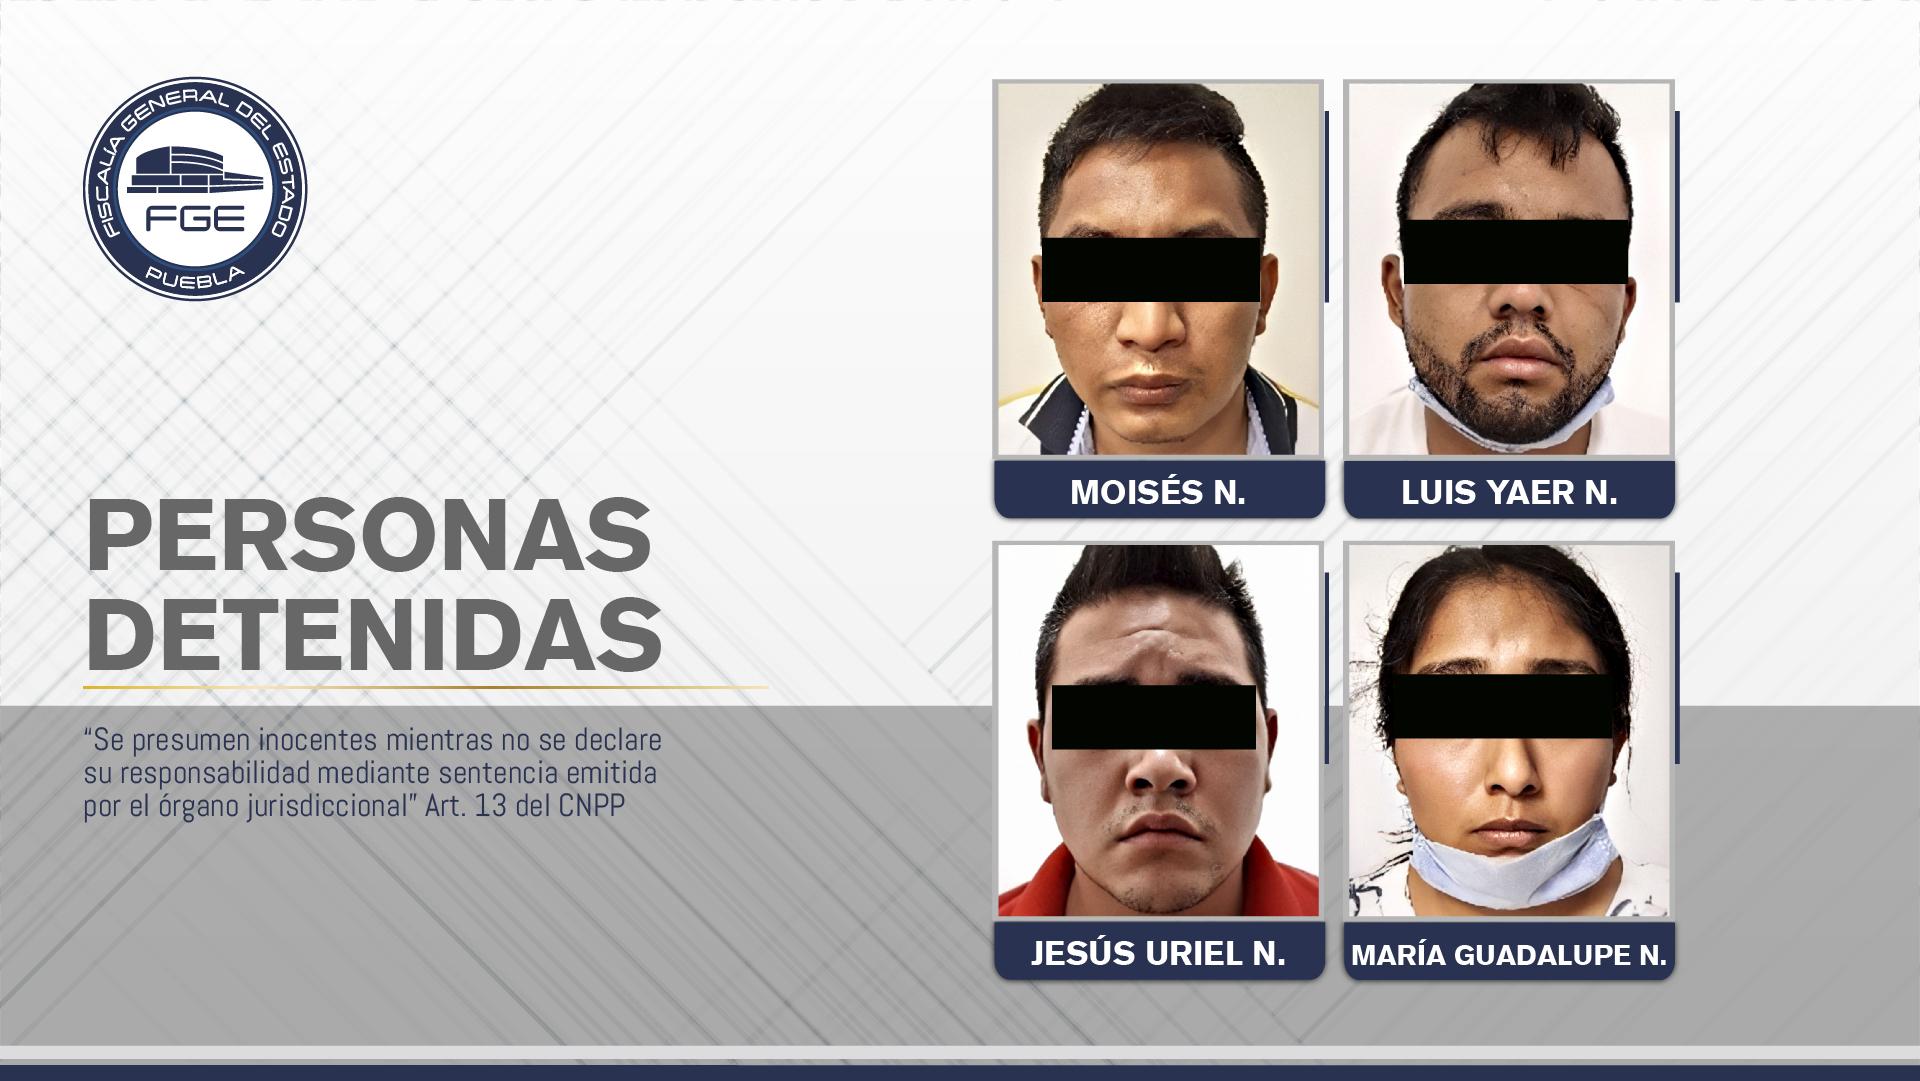 FGE Puebla rescató a joven secuestrado y detuvo a cuatro personas